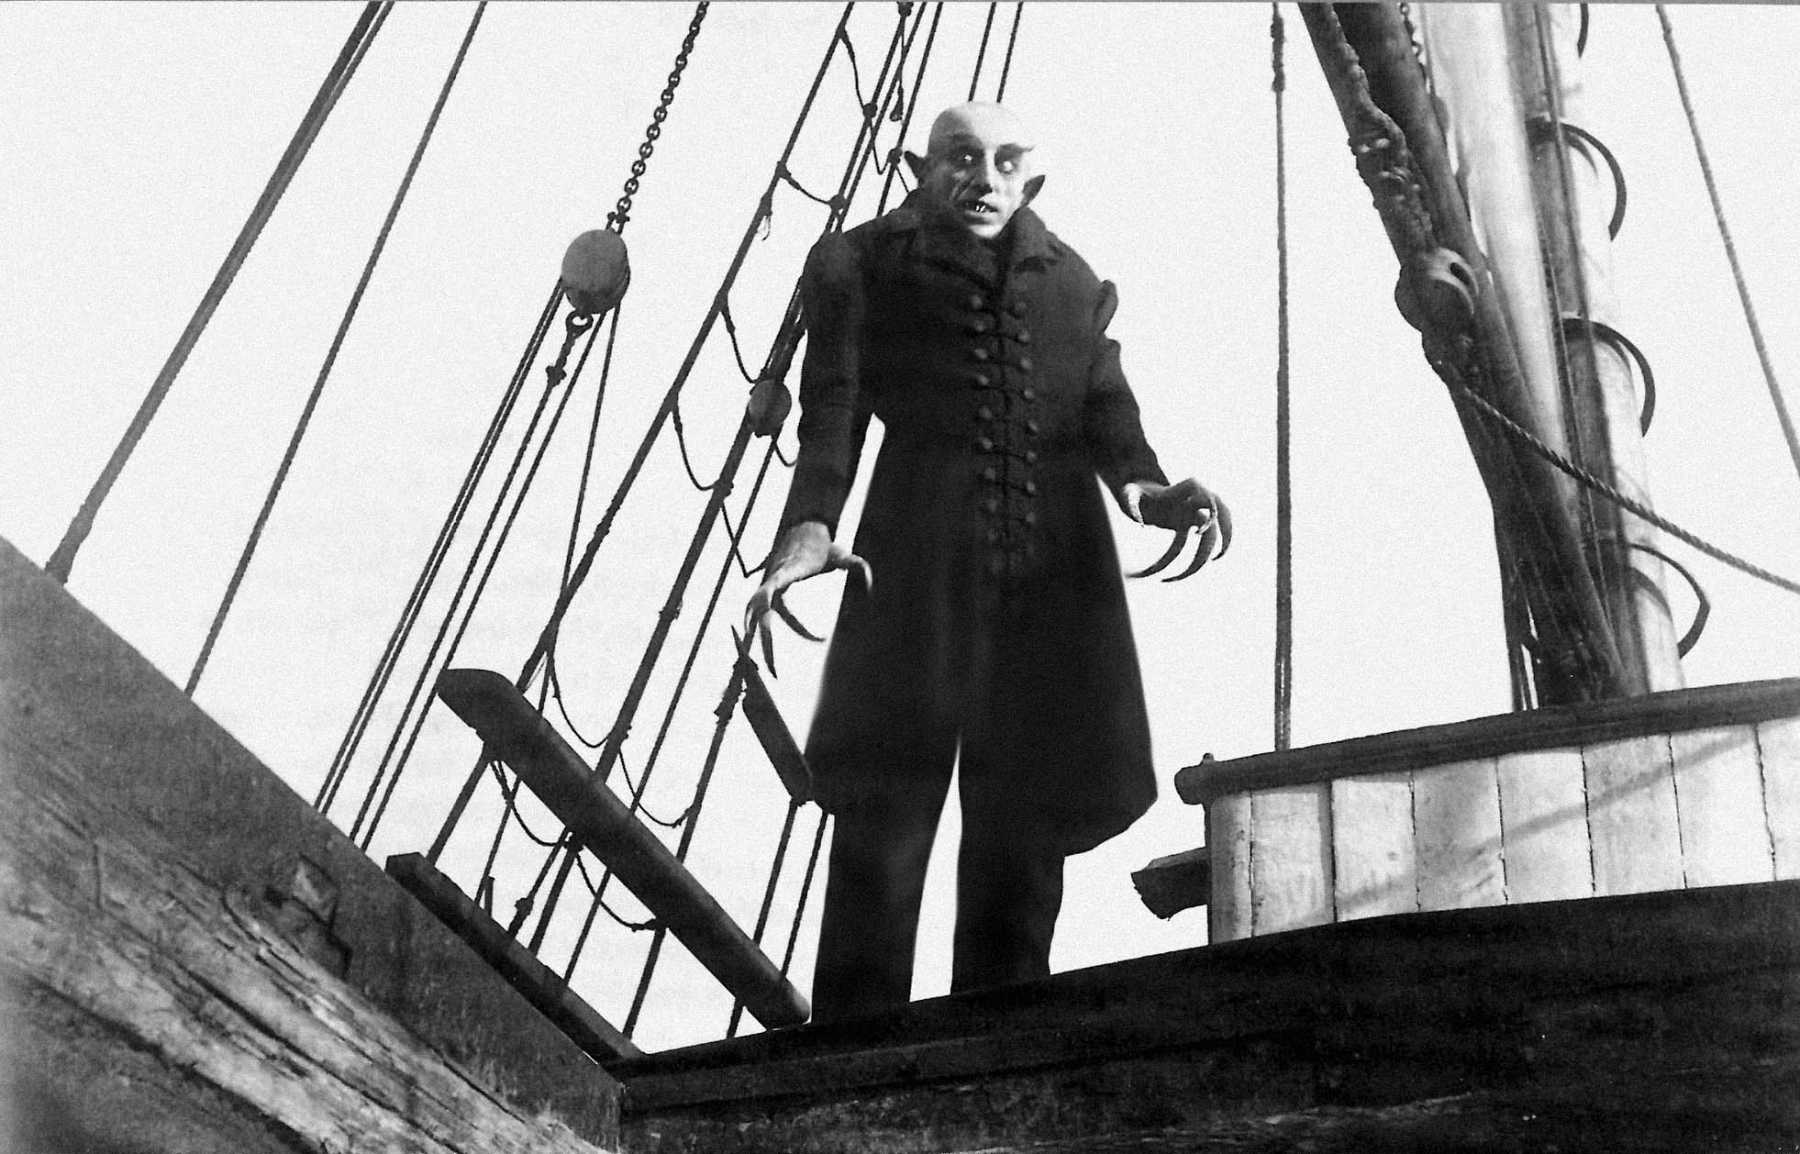 Grave Robbers Steal Head Of 'Nosferatu' Director F.W. Murnau | Nosferatu